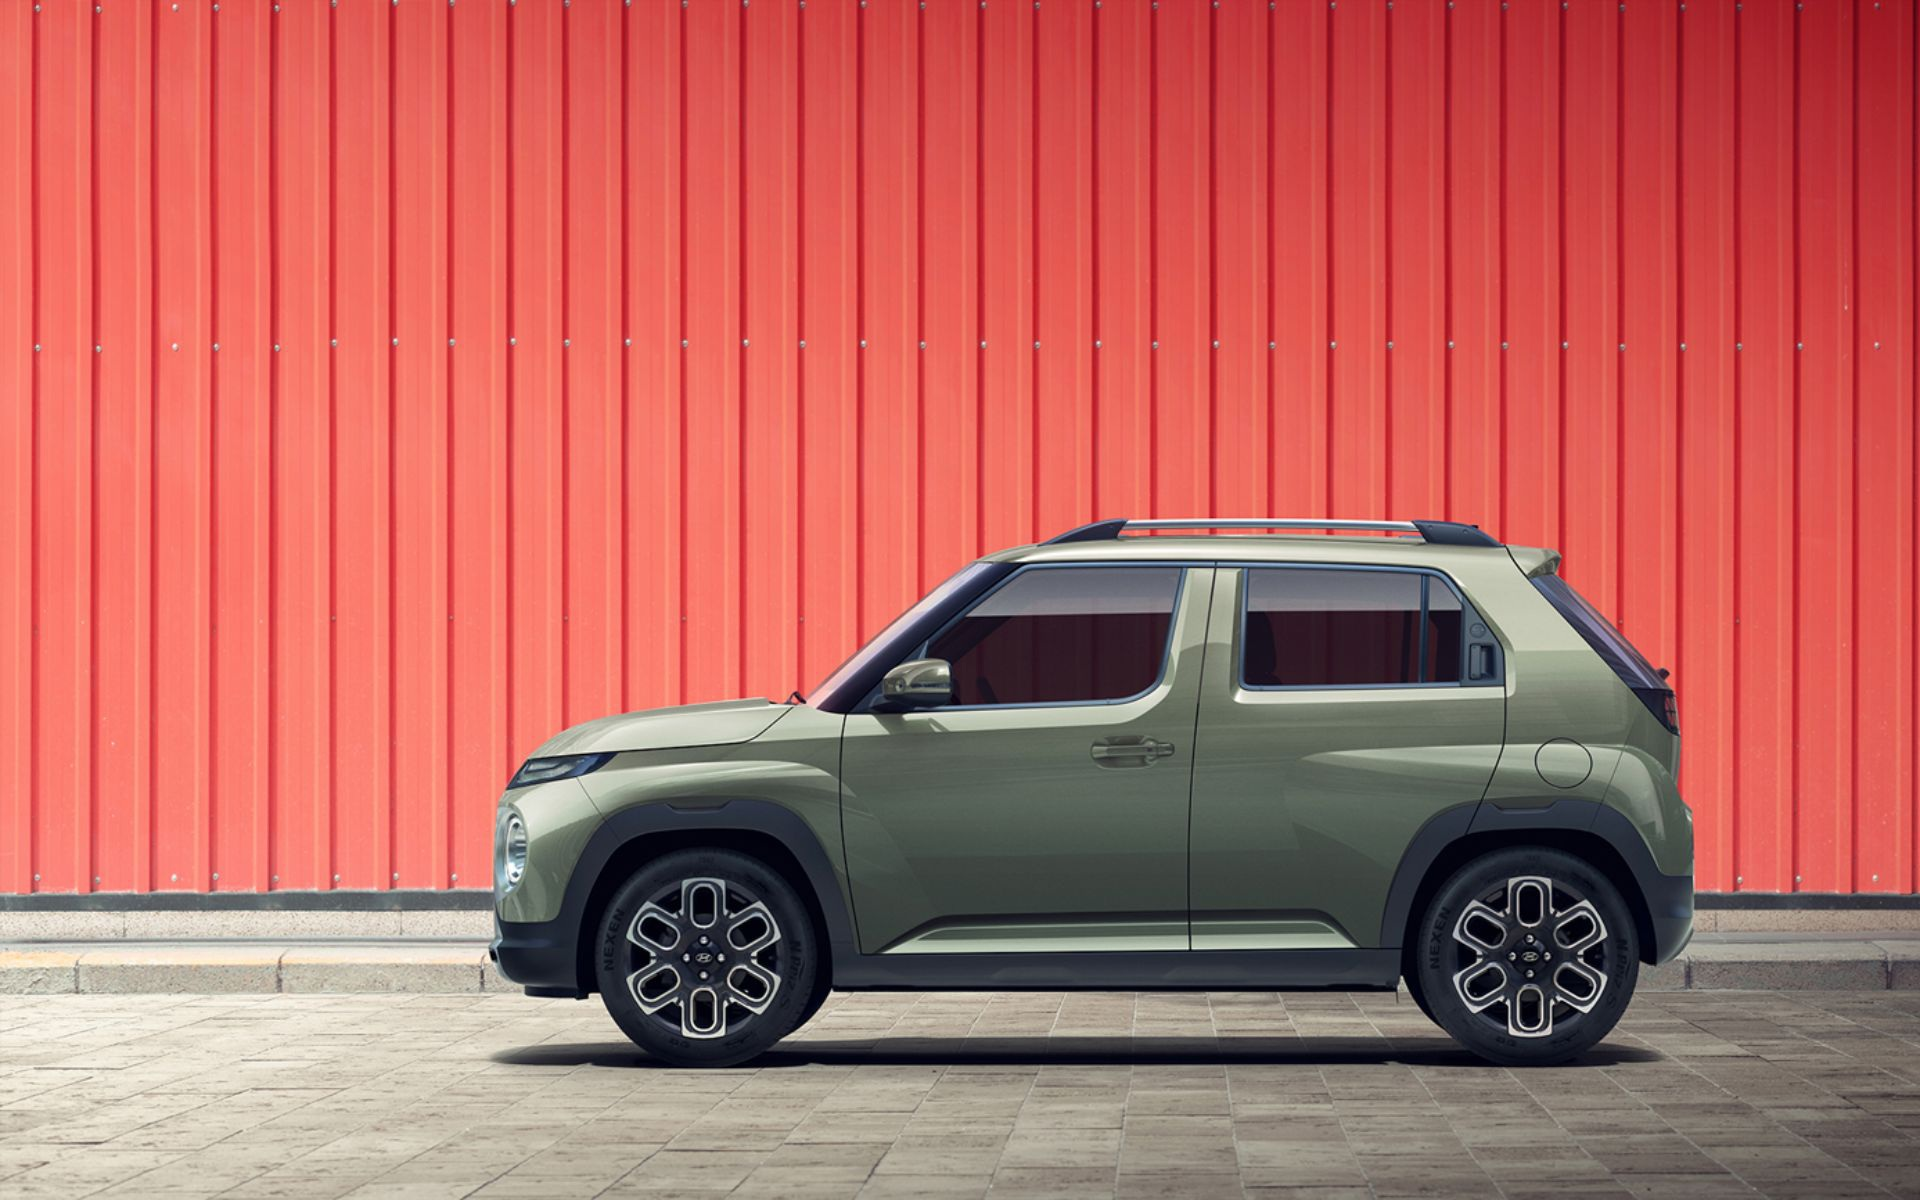 Mở bán tân binh Casper- mẫu SUV rẻ nhất của Hyundai - Ảnh 8.